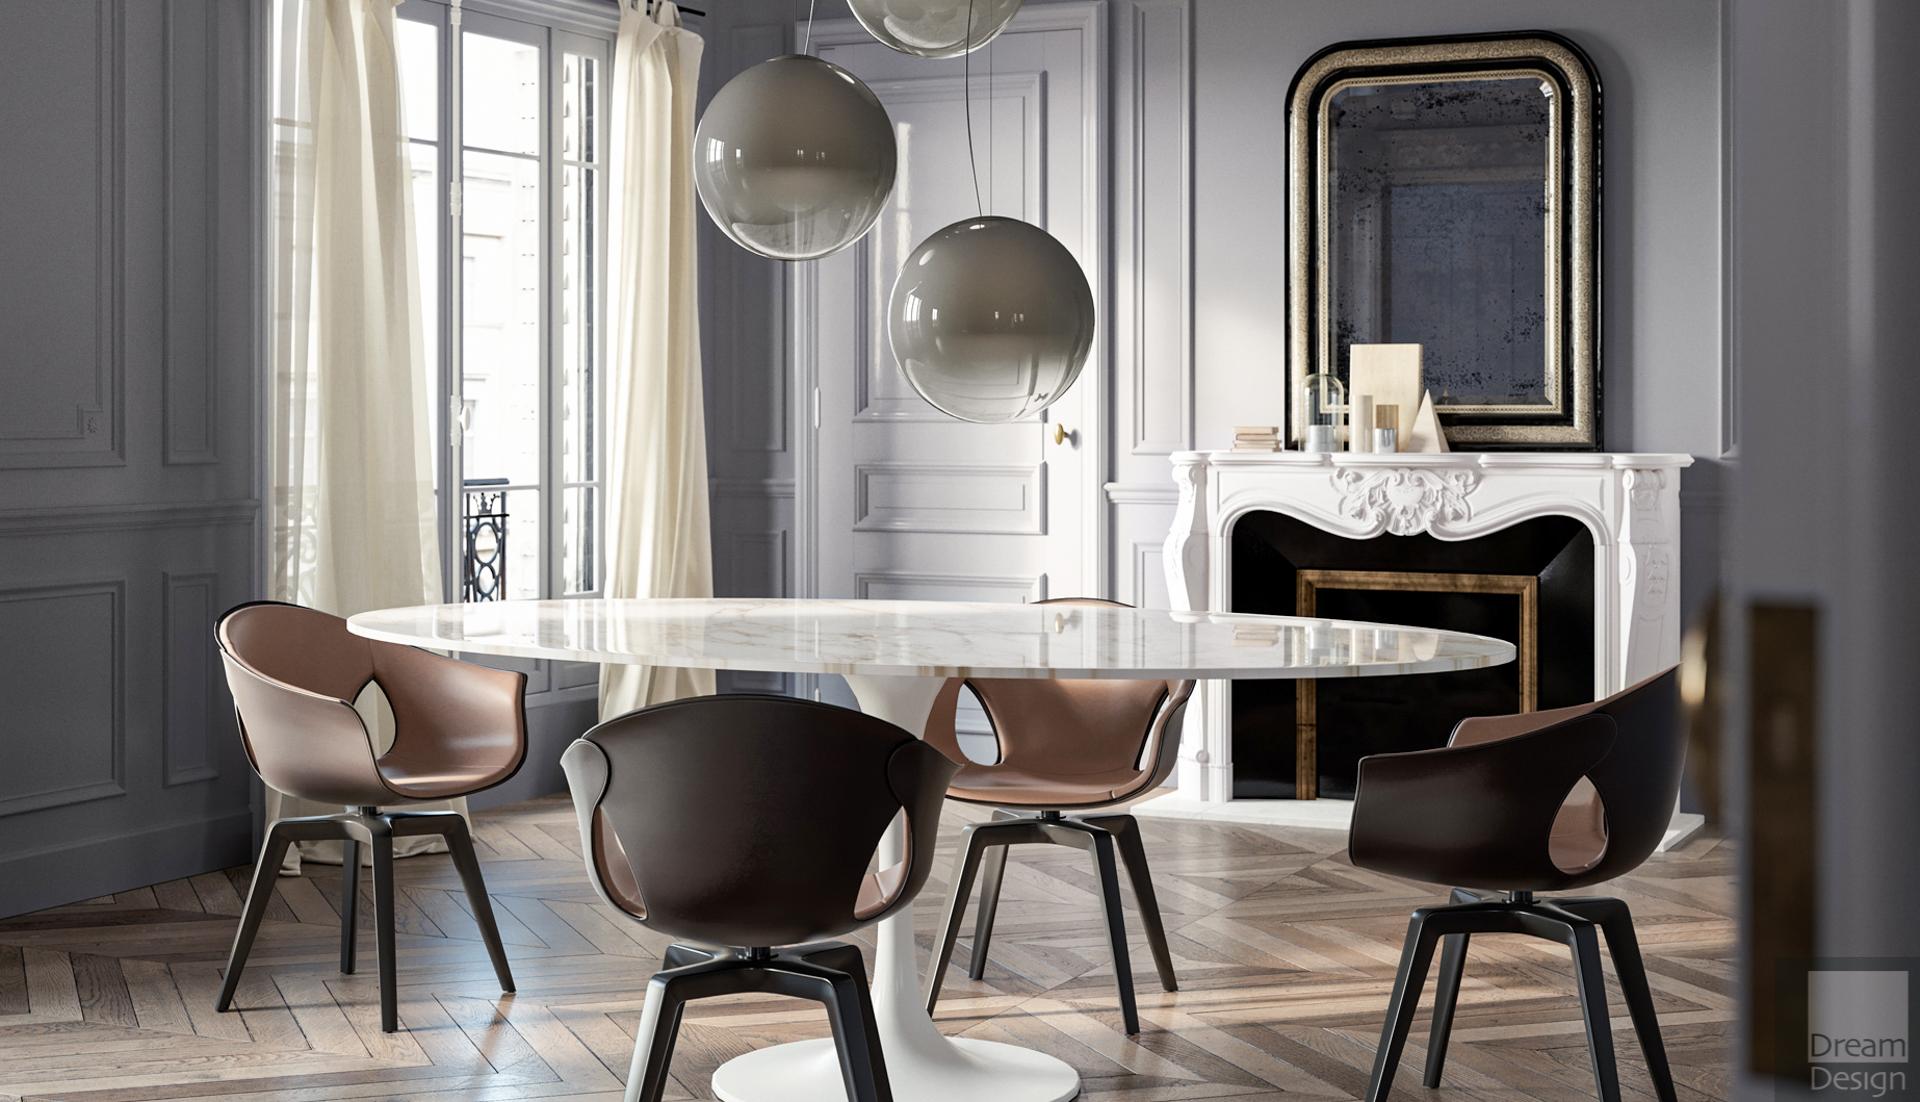 Poltrona Frau.Poltrona Frau Ginger Chair Dream Design Interiors Ltd